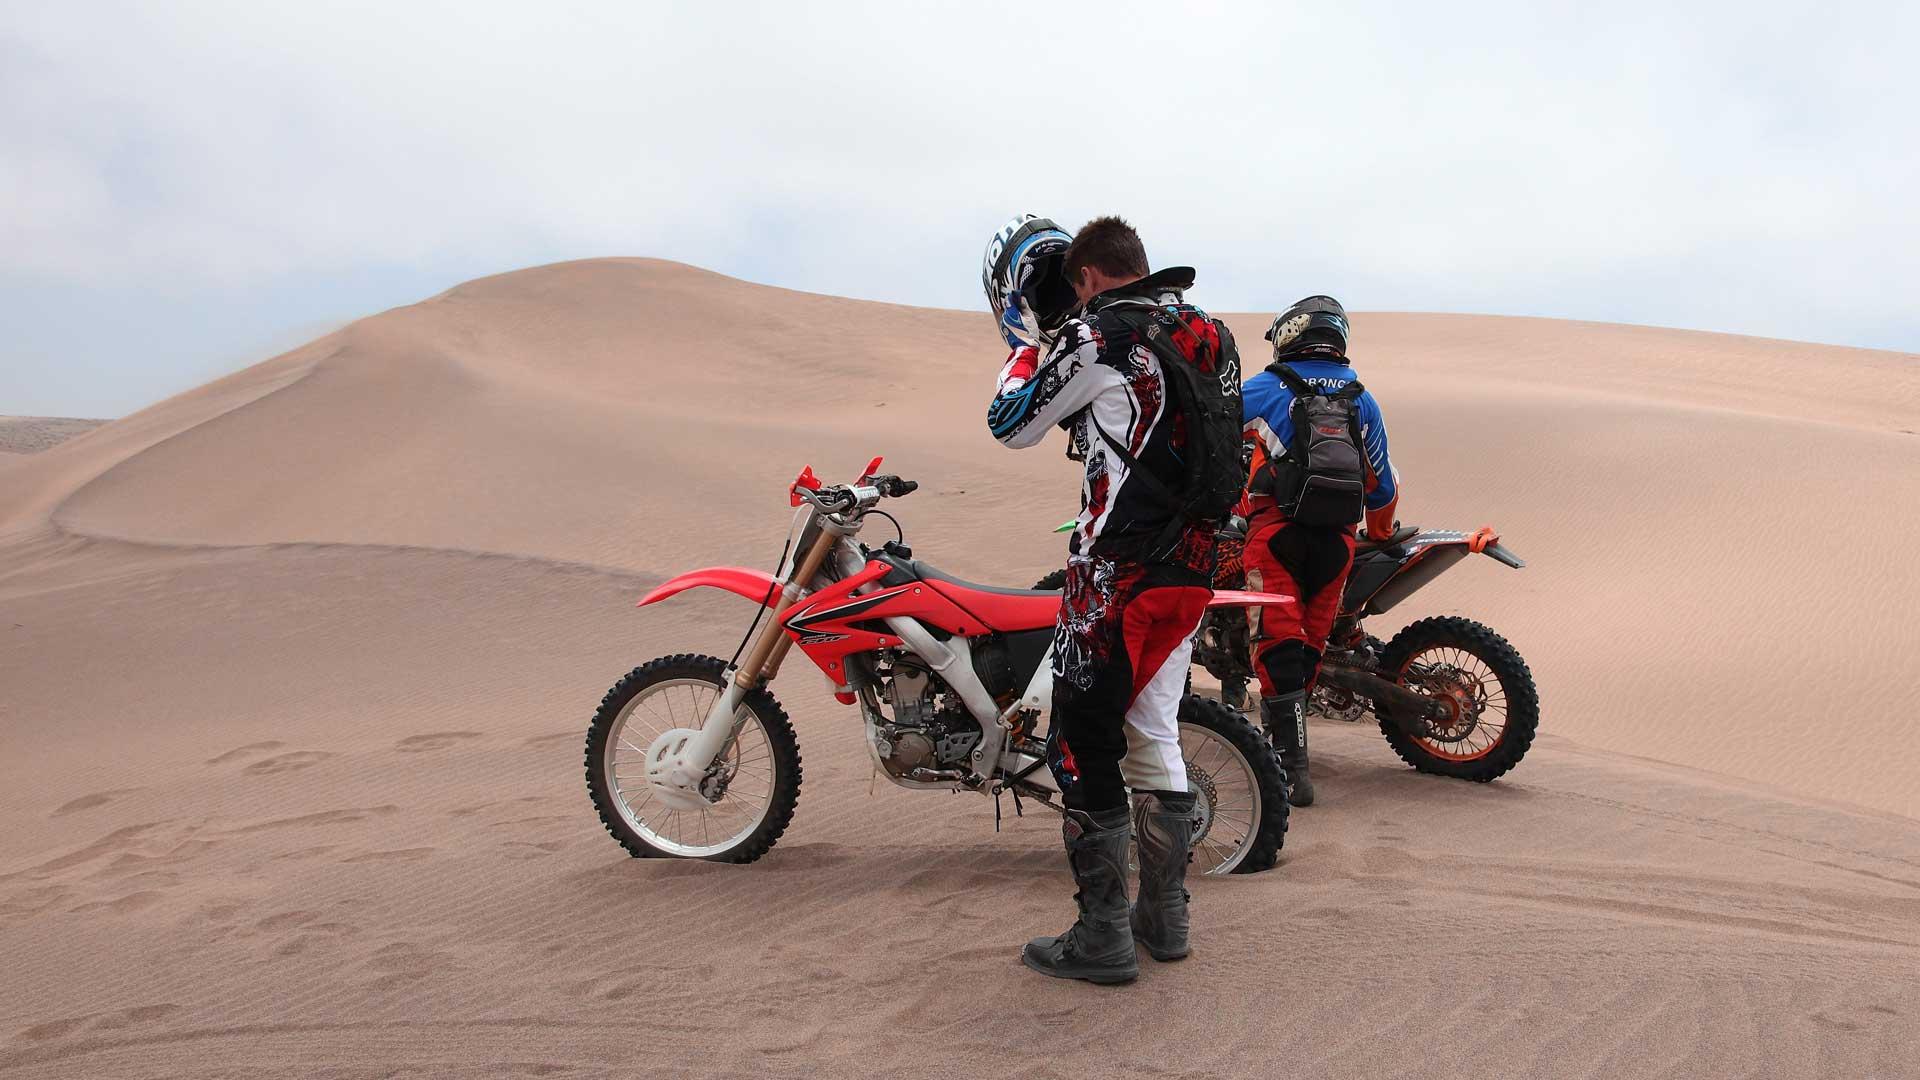 Actividades, motos en el desierto, mMarruecos.